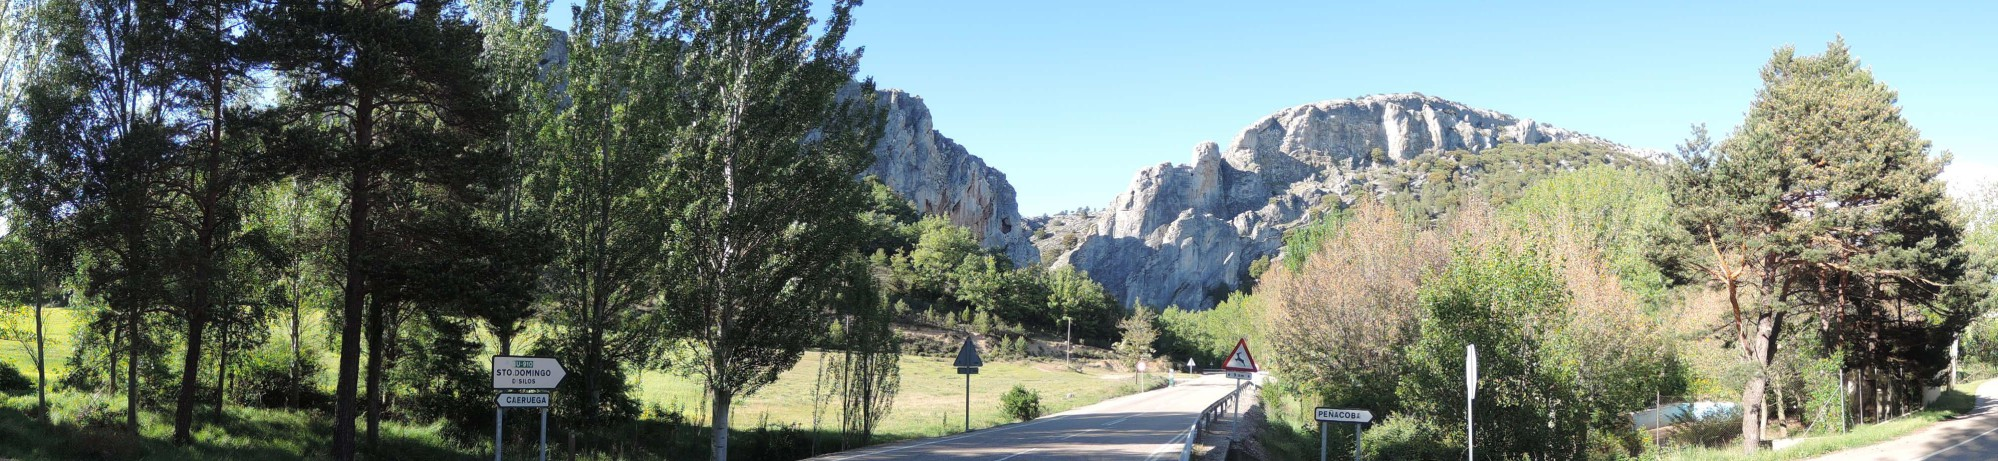 Las dos crestas rocosas que forman La Yecla, el desfiladero de entrada al valle del Mataviejas